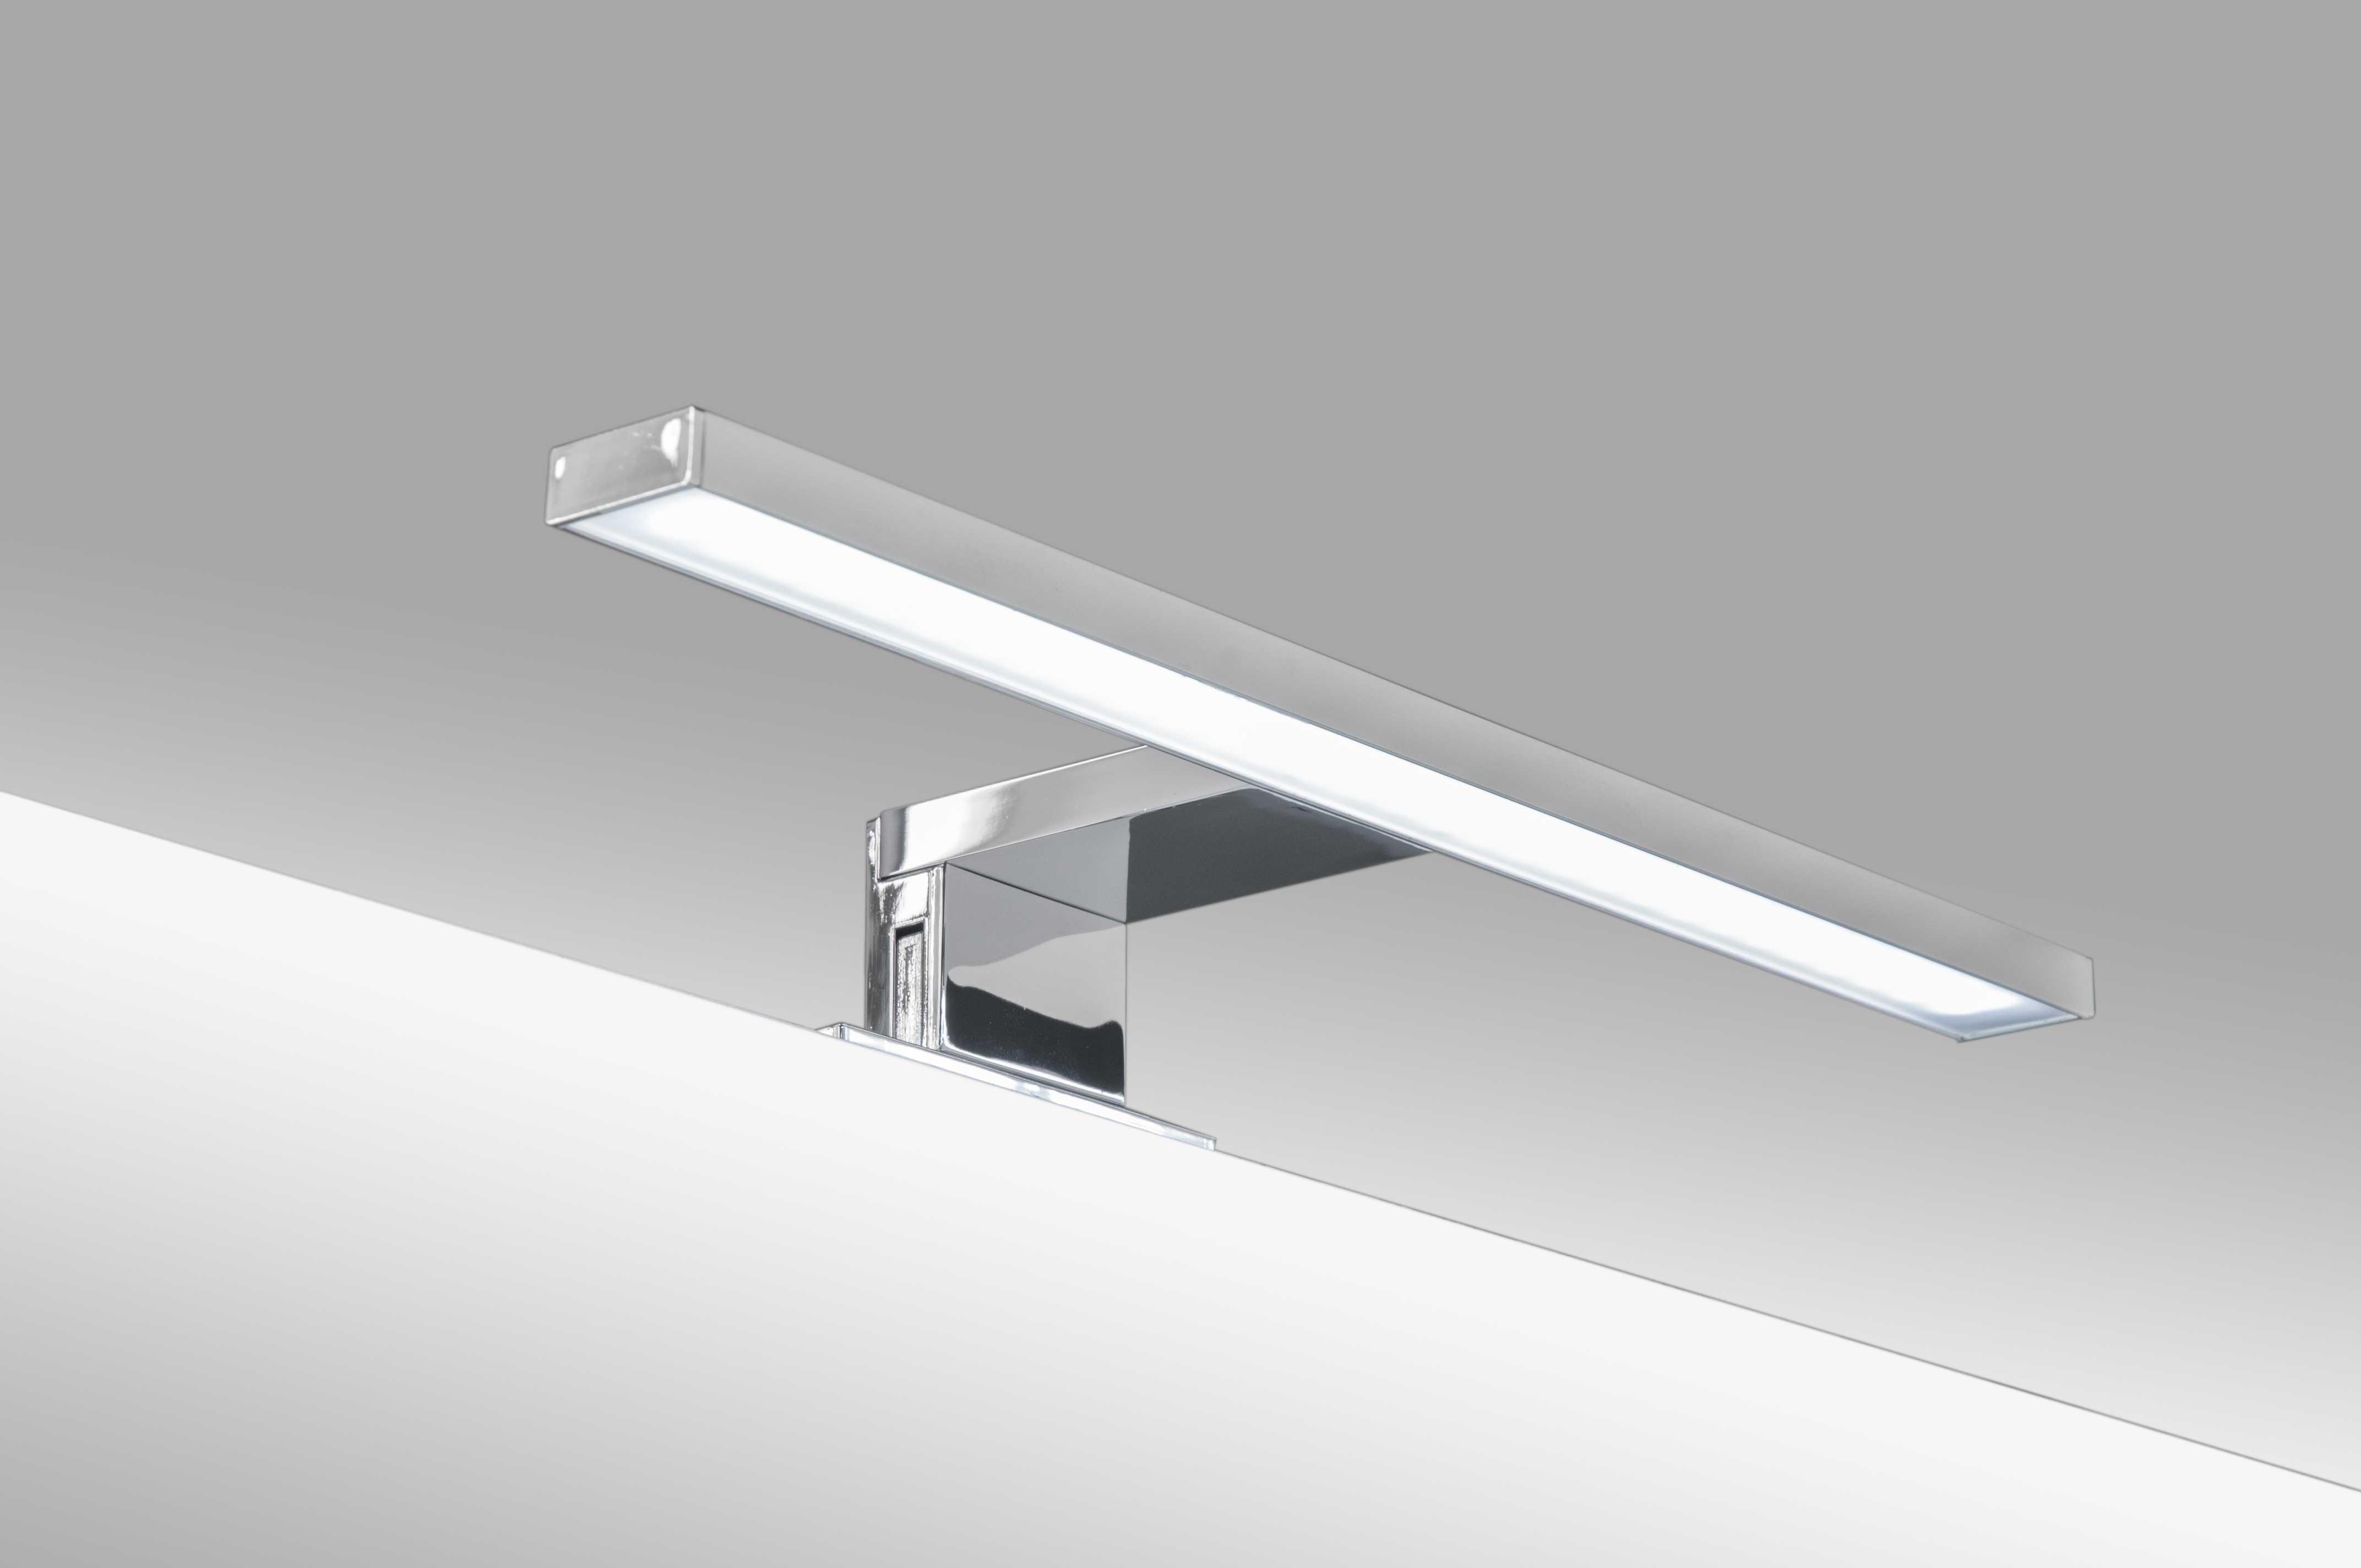 specchio bagno 60X70 led specchiera bagno lampada led applique faretto led NEW  eBay